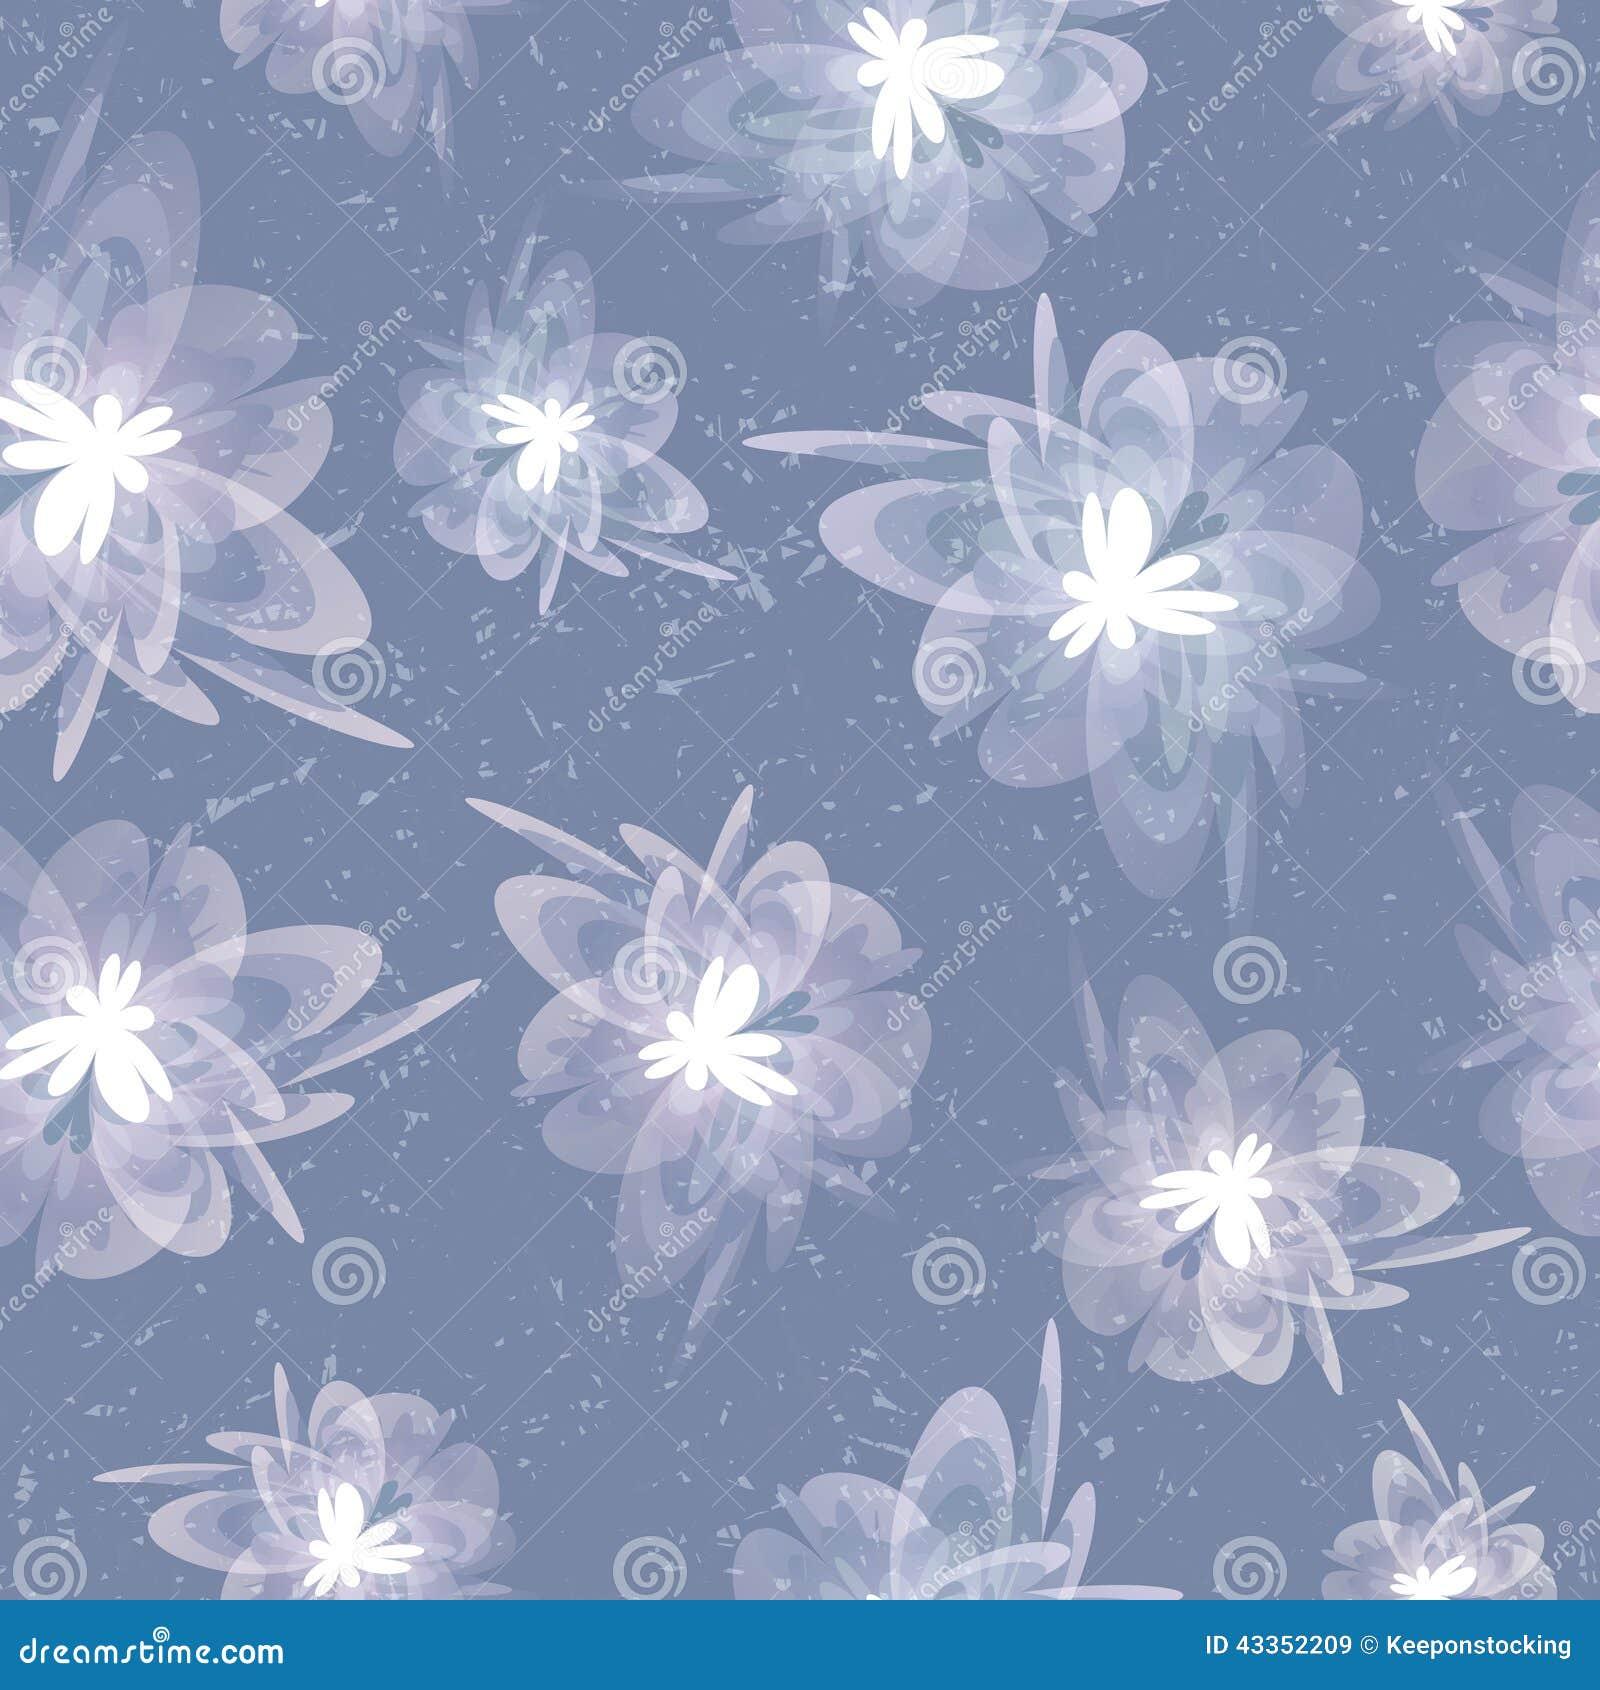 Vage grungy uitstekende bloemen grijze naadloze achtergrond